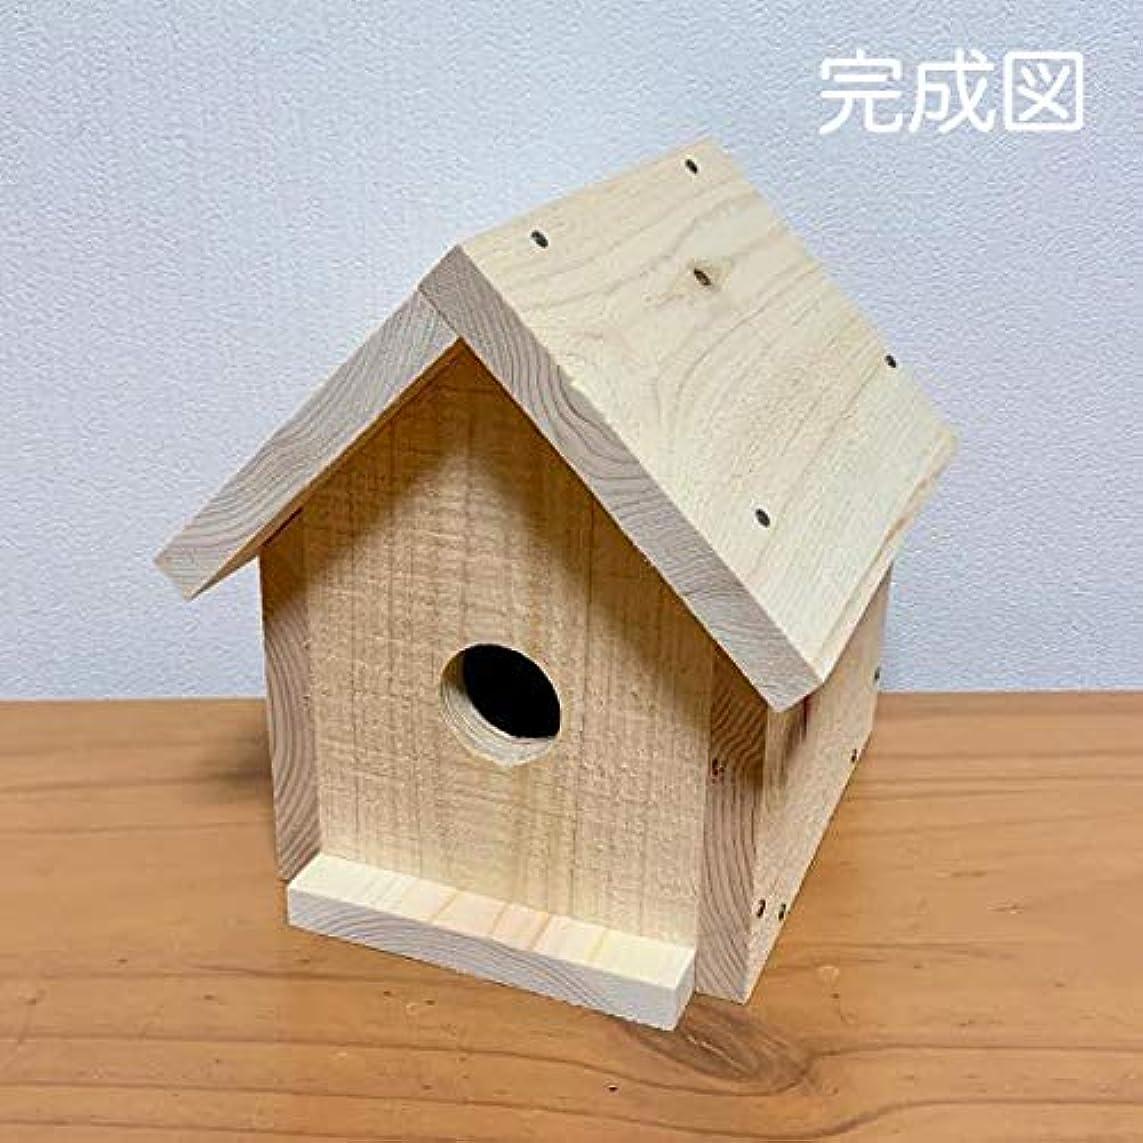 事前に胚芽ステンレス鳥の巣箱 / 夏休み 工作キット